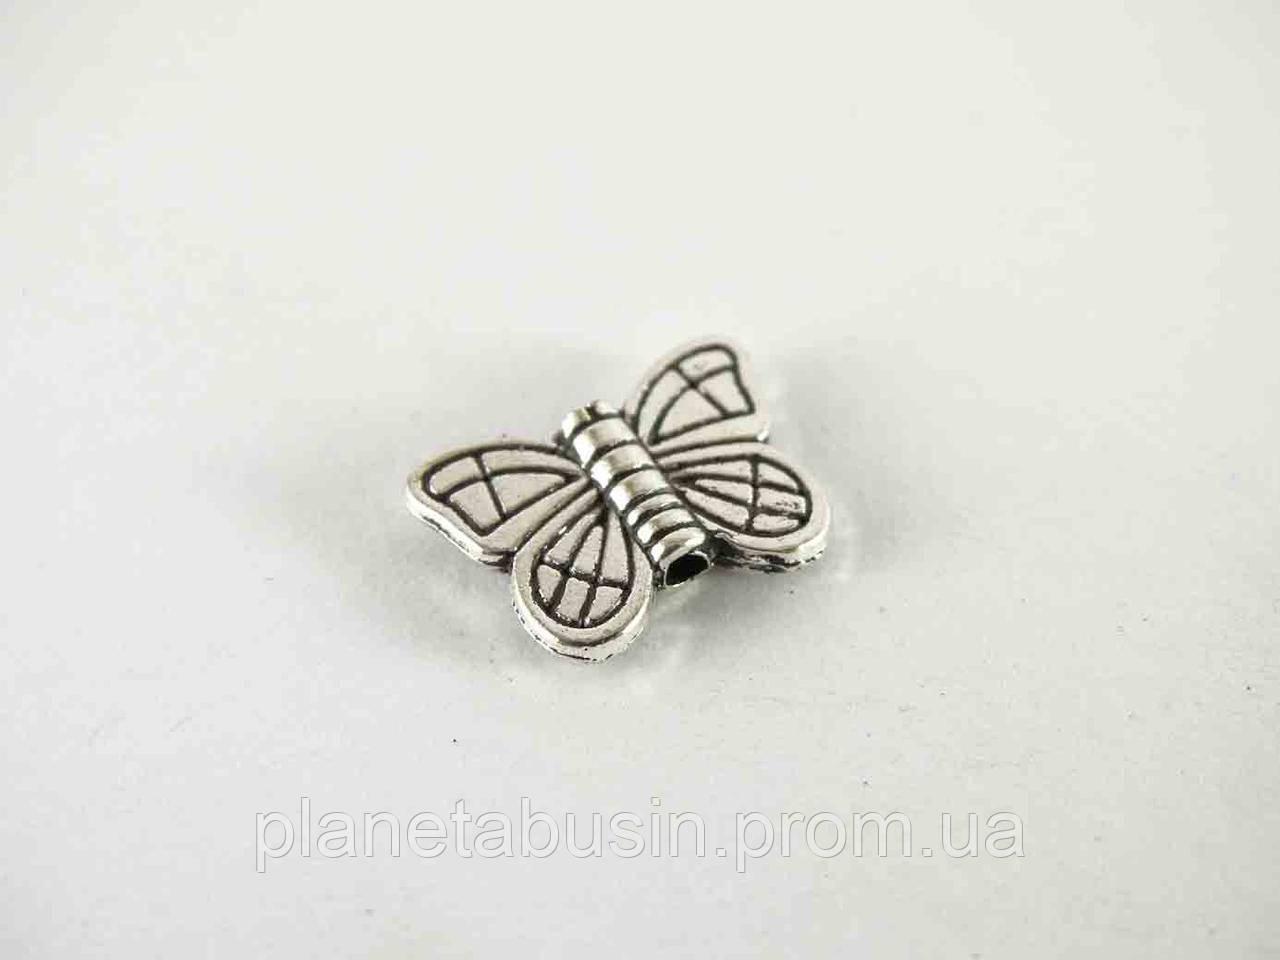 Бусины Серебряная бабочка 10шт, размер 15х10мм, отверстие 1мм